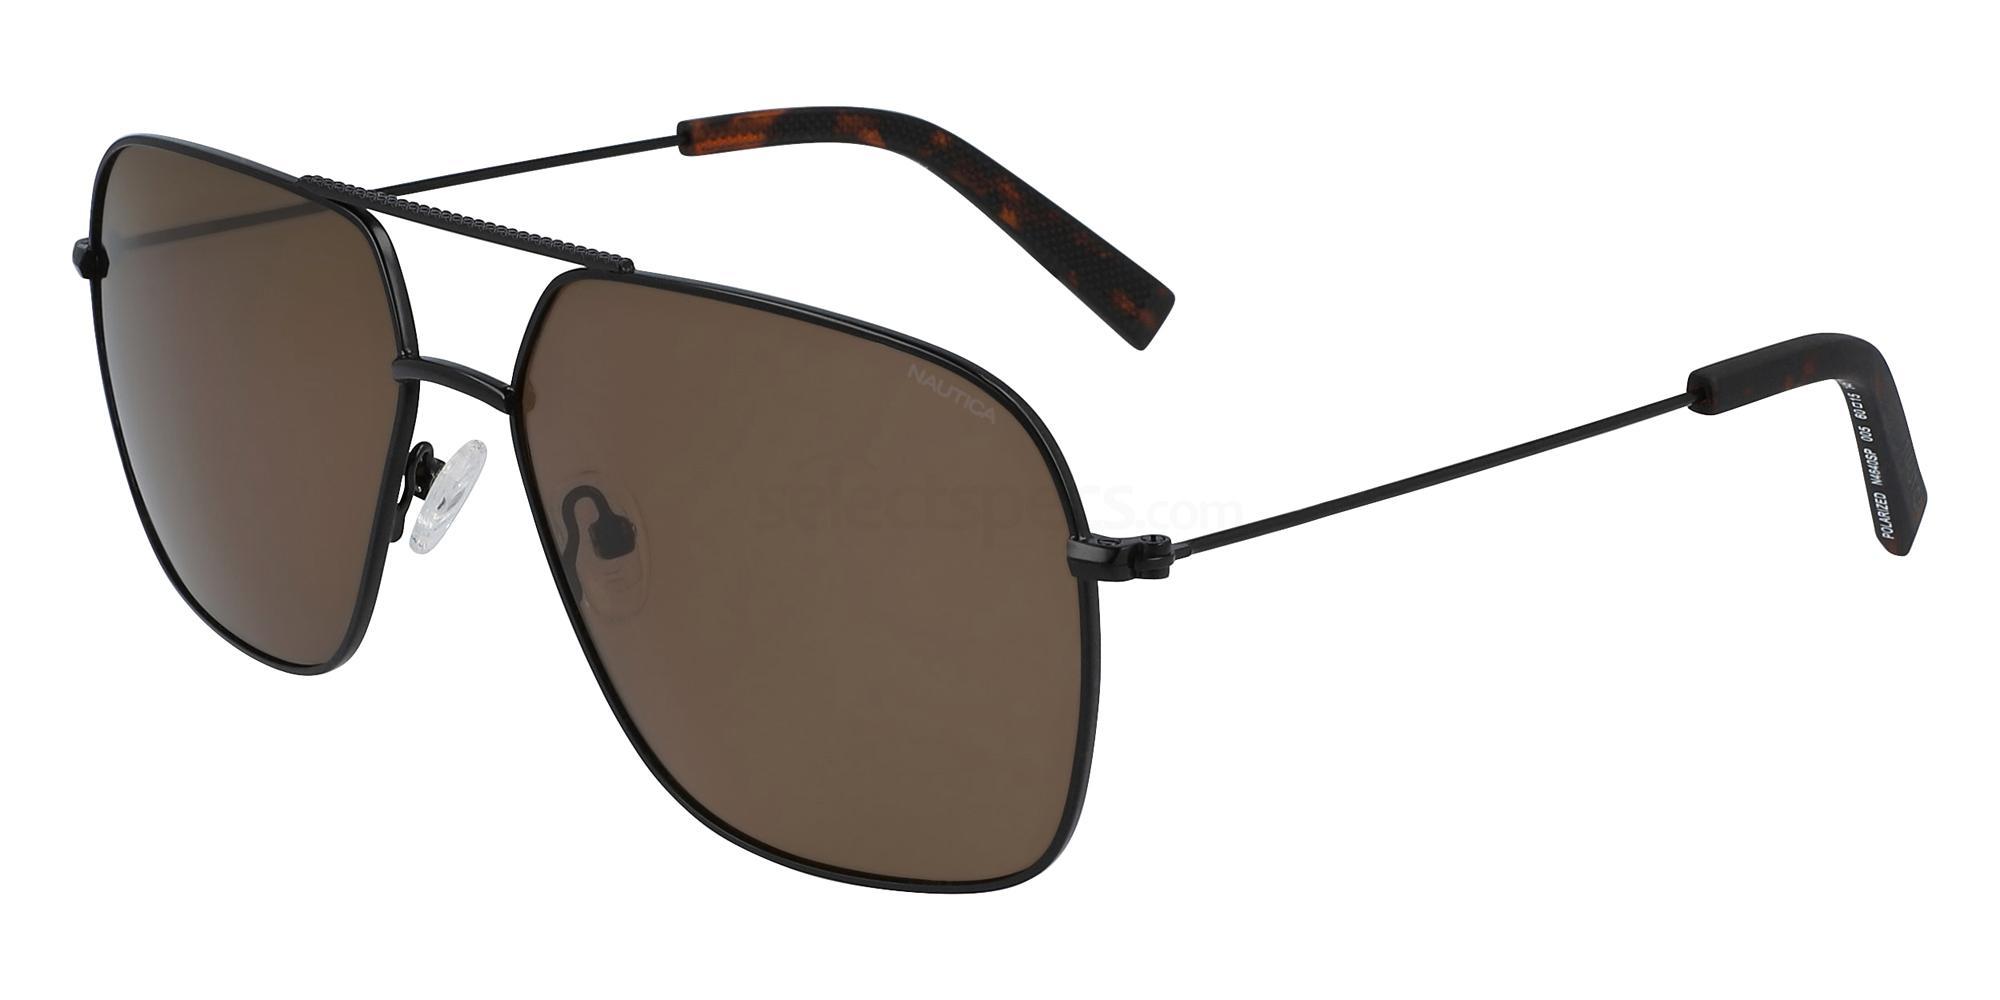 005 N4640SP Sunglasses, Nautica